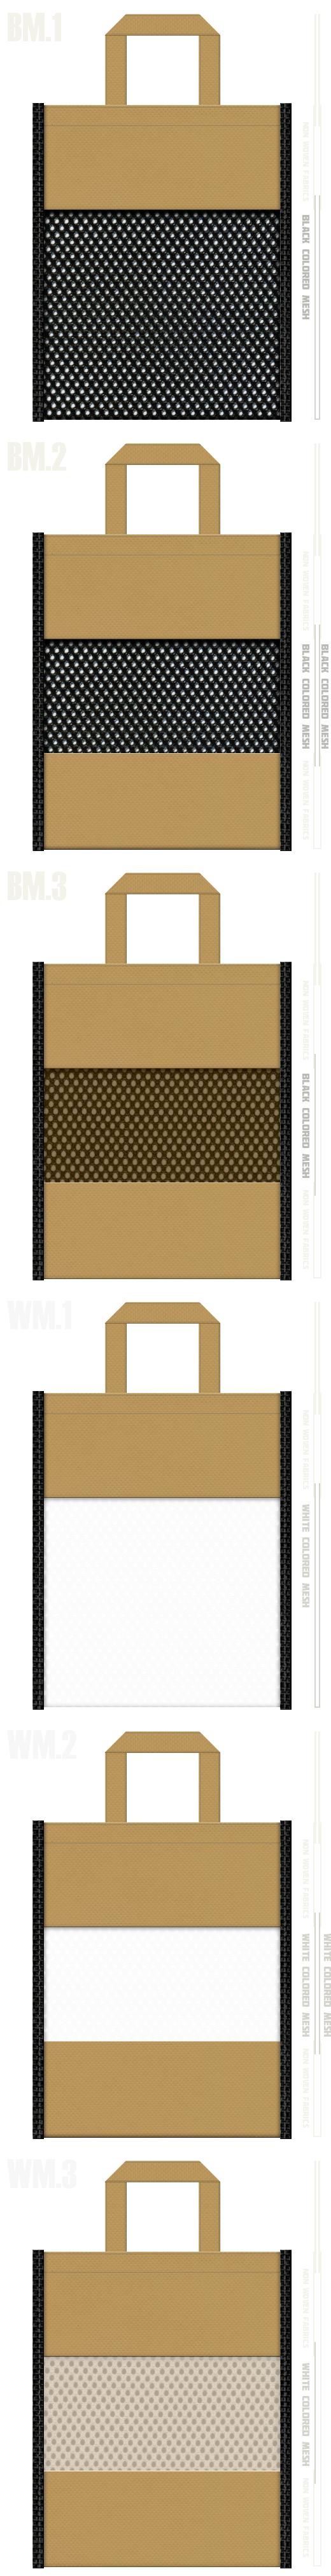 フラットタイプのメッシュバッグのカラーシミュレーション:黒色・白色メッシュと金黄土色不織布の組み合わせ